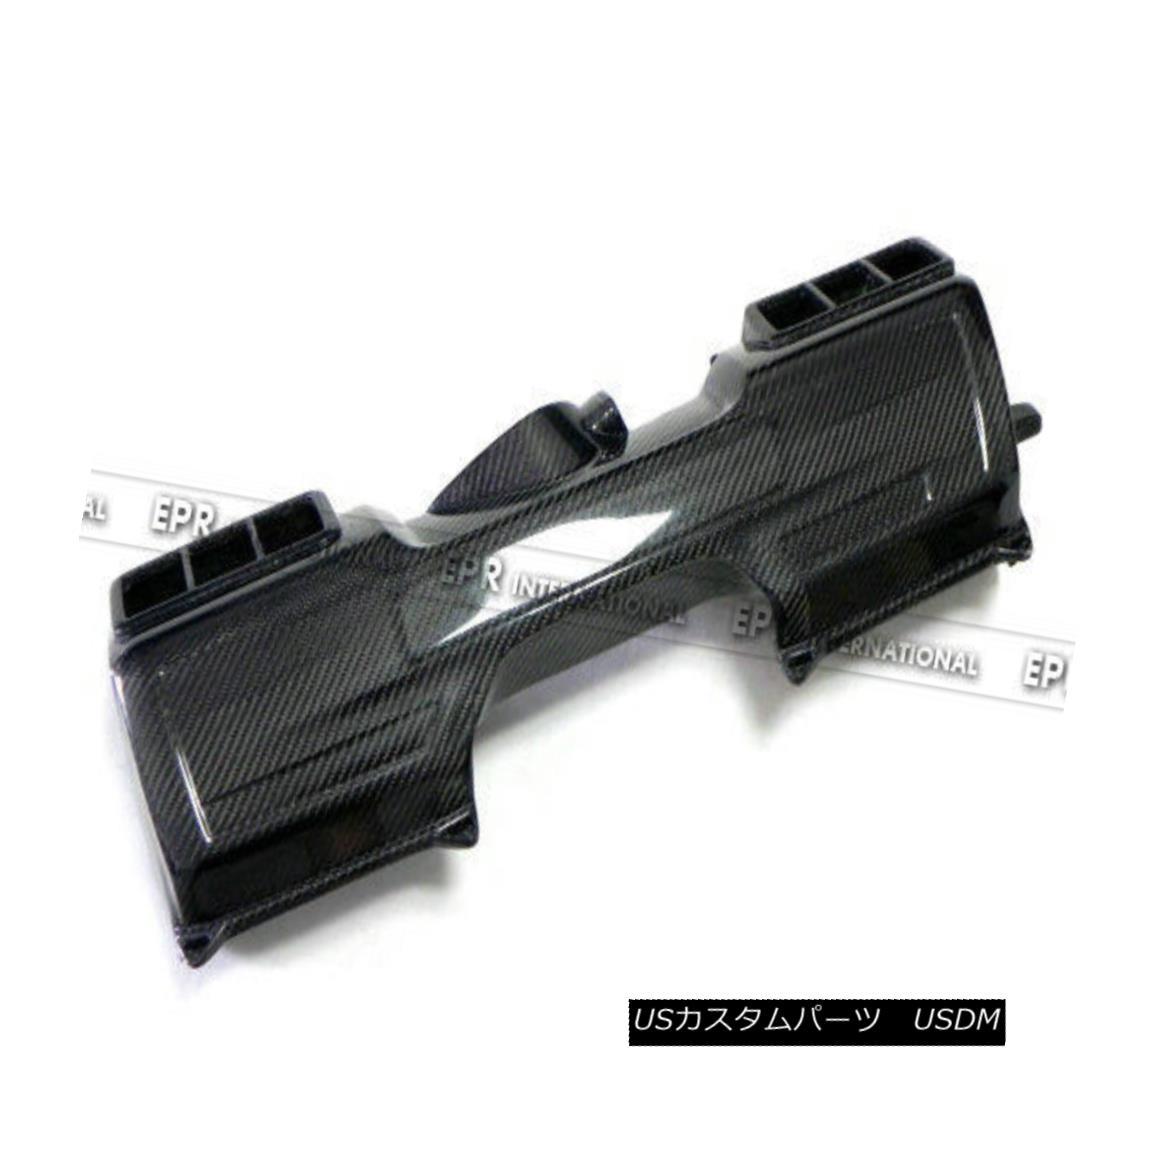 エアロパーツ Carbon Fiber Air Box Cover Plates Panel Parts For Porsche 911 997 Carrera 4 GTS カーボンファイバーエアボックスカバープレートポルシェ911 997カレラ4 GTS用パネルパーツ